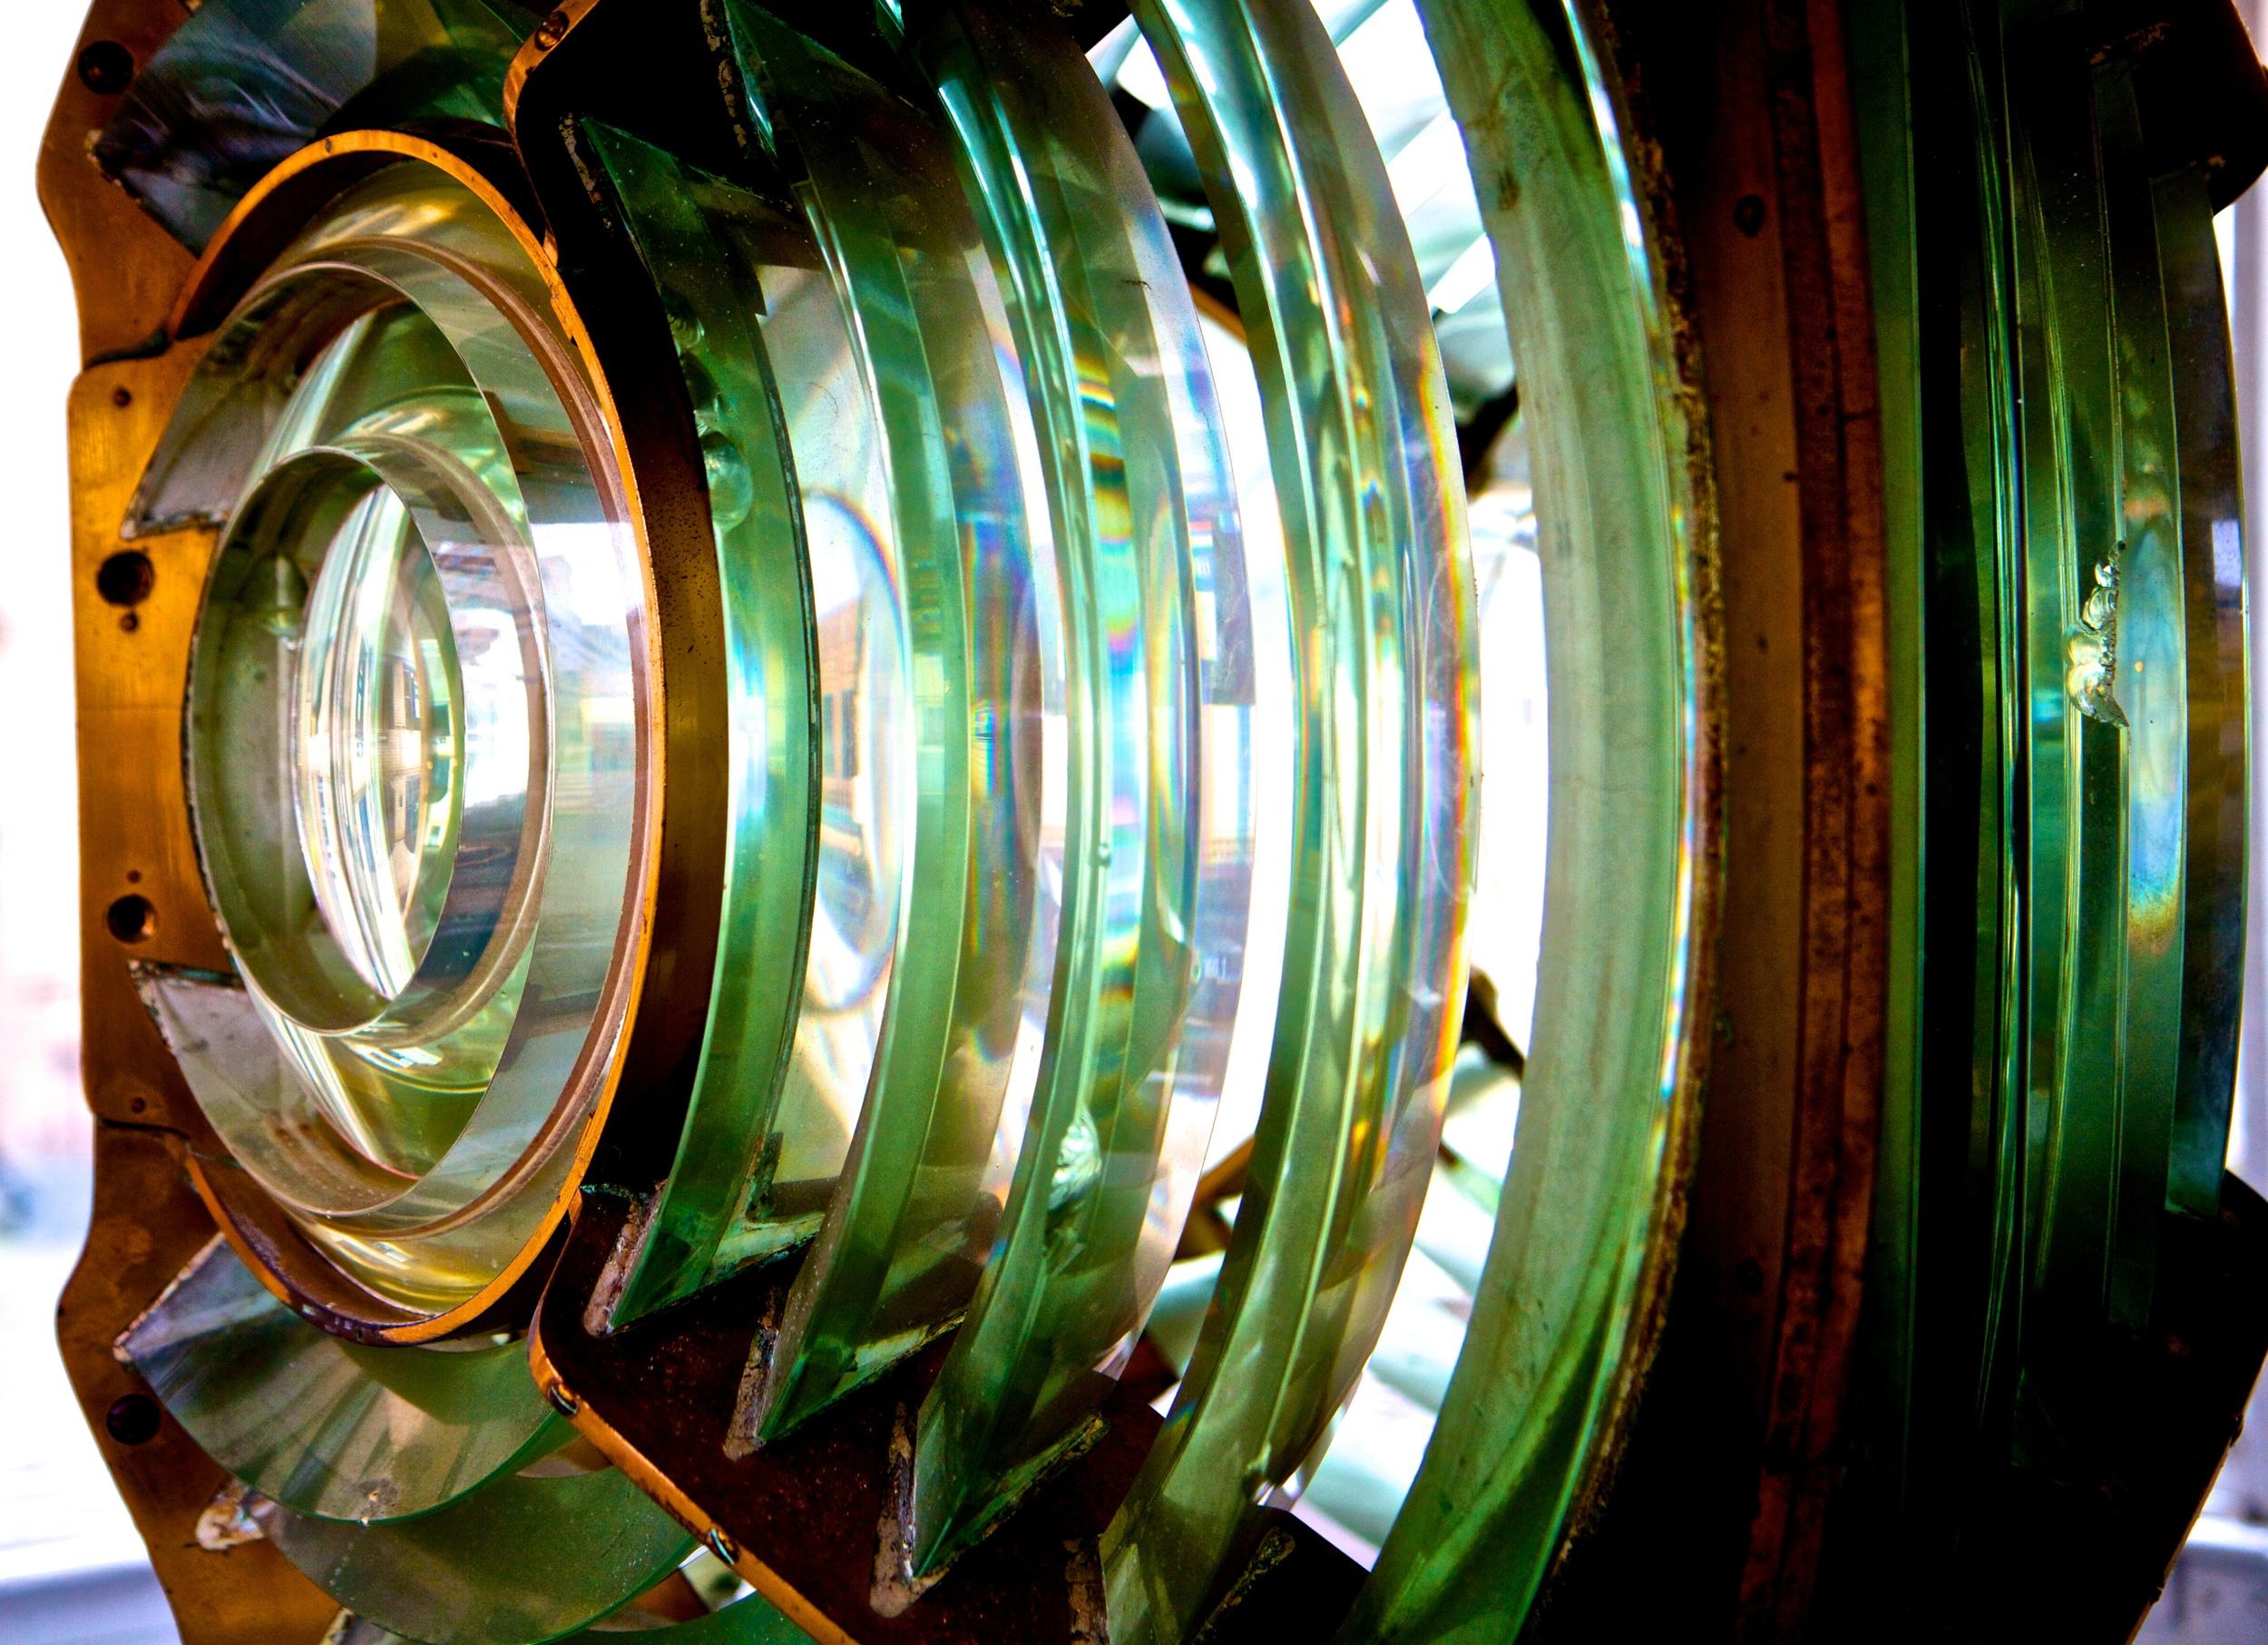 2013-02-24 at 09-51-05 Brass, Fresnel, Glass, Lens, Light, Lighthouse, Protection, Ship, Still Life, Warning.jpg